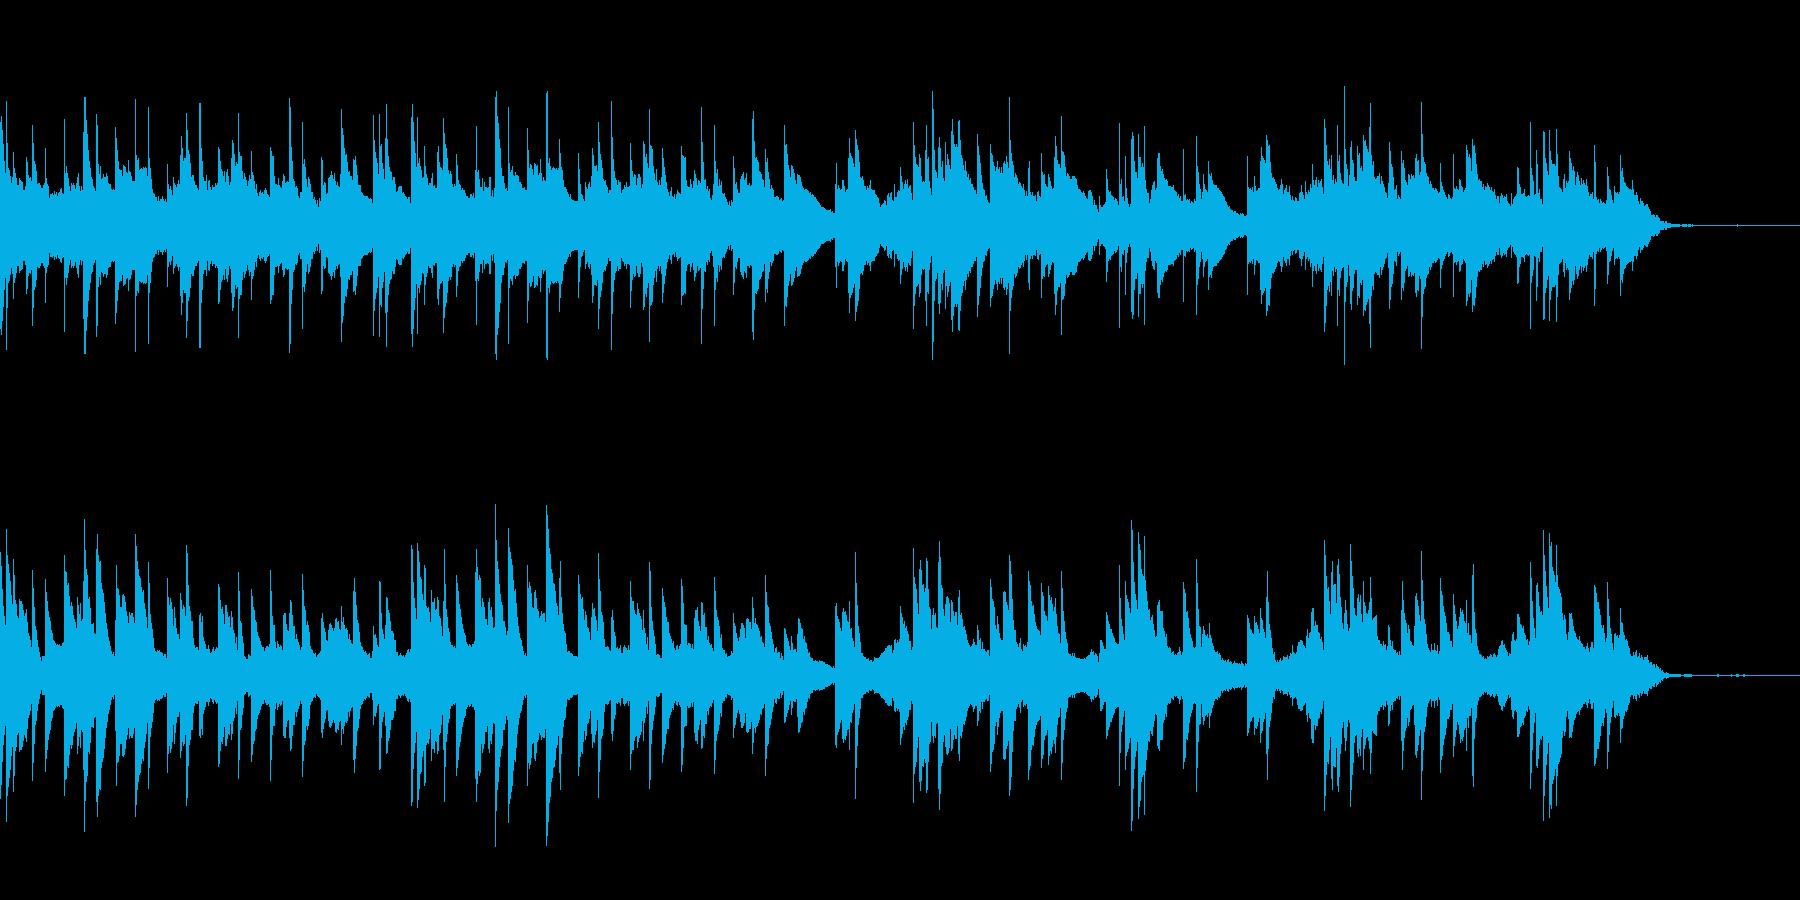 ゲームのスタート画面で流れる曲の再生済みの波形